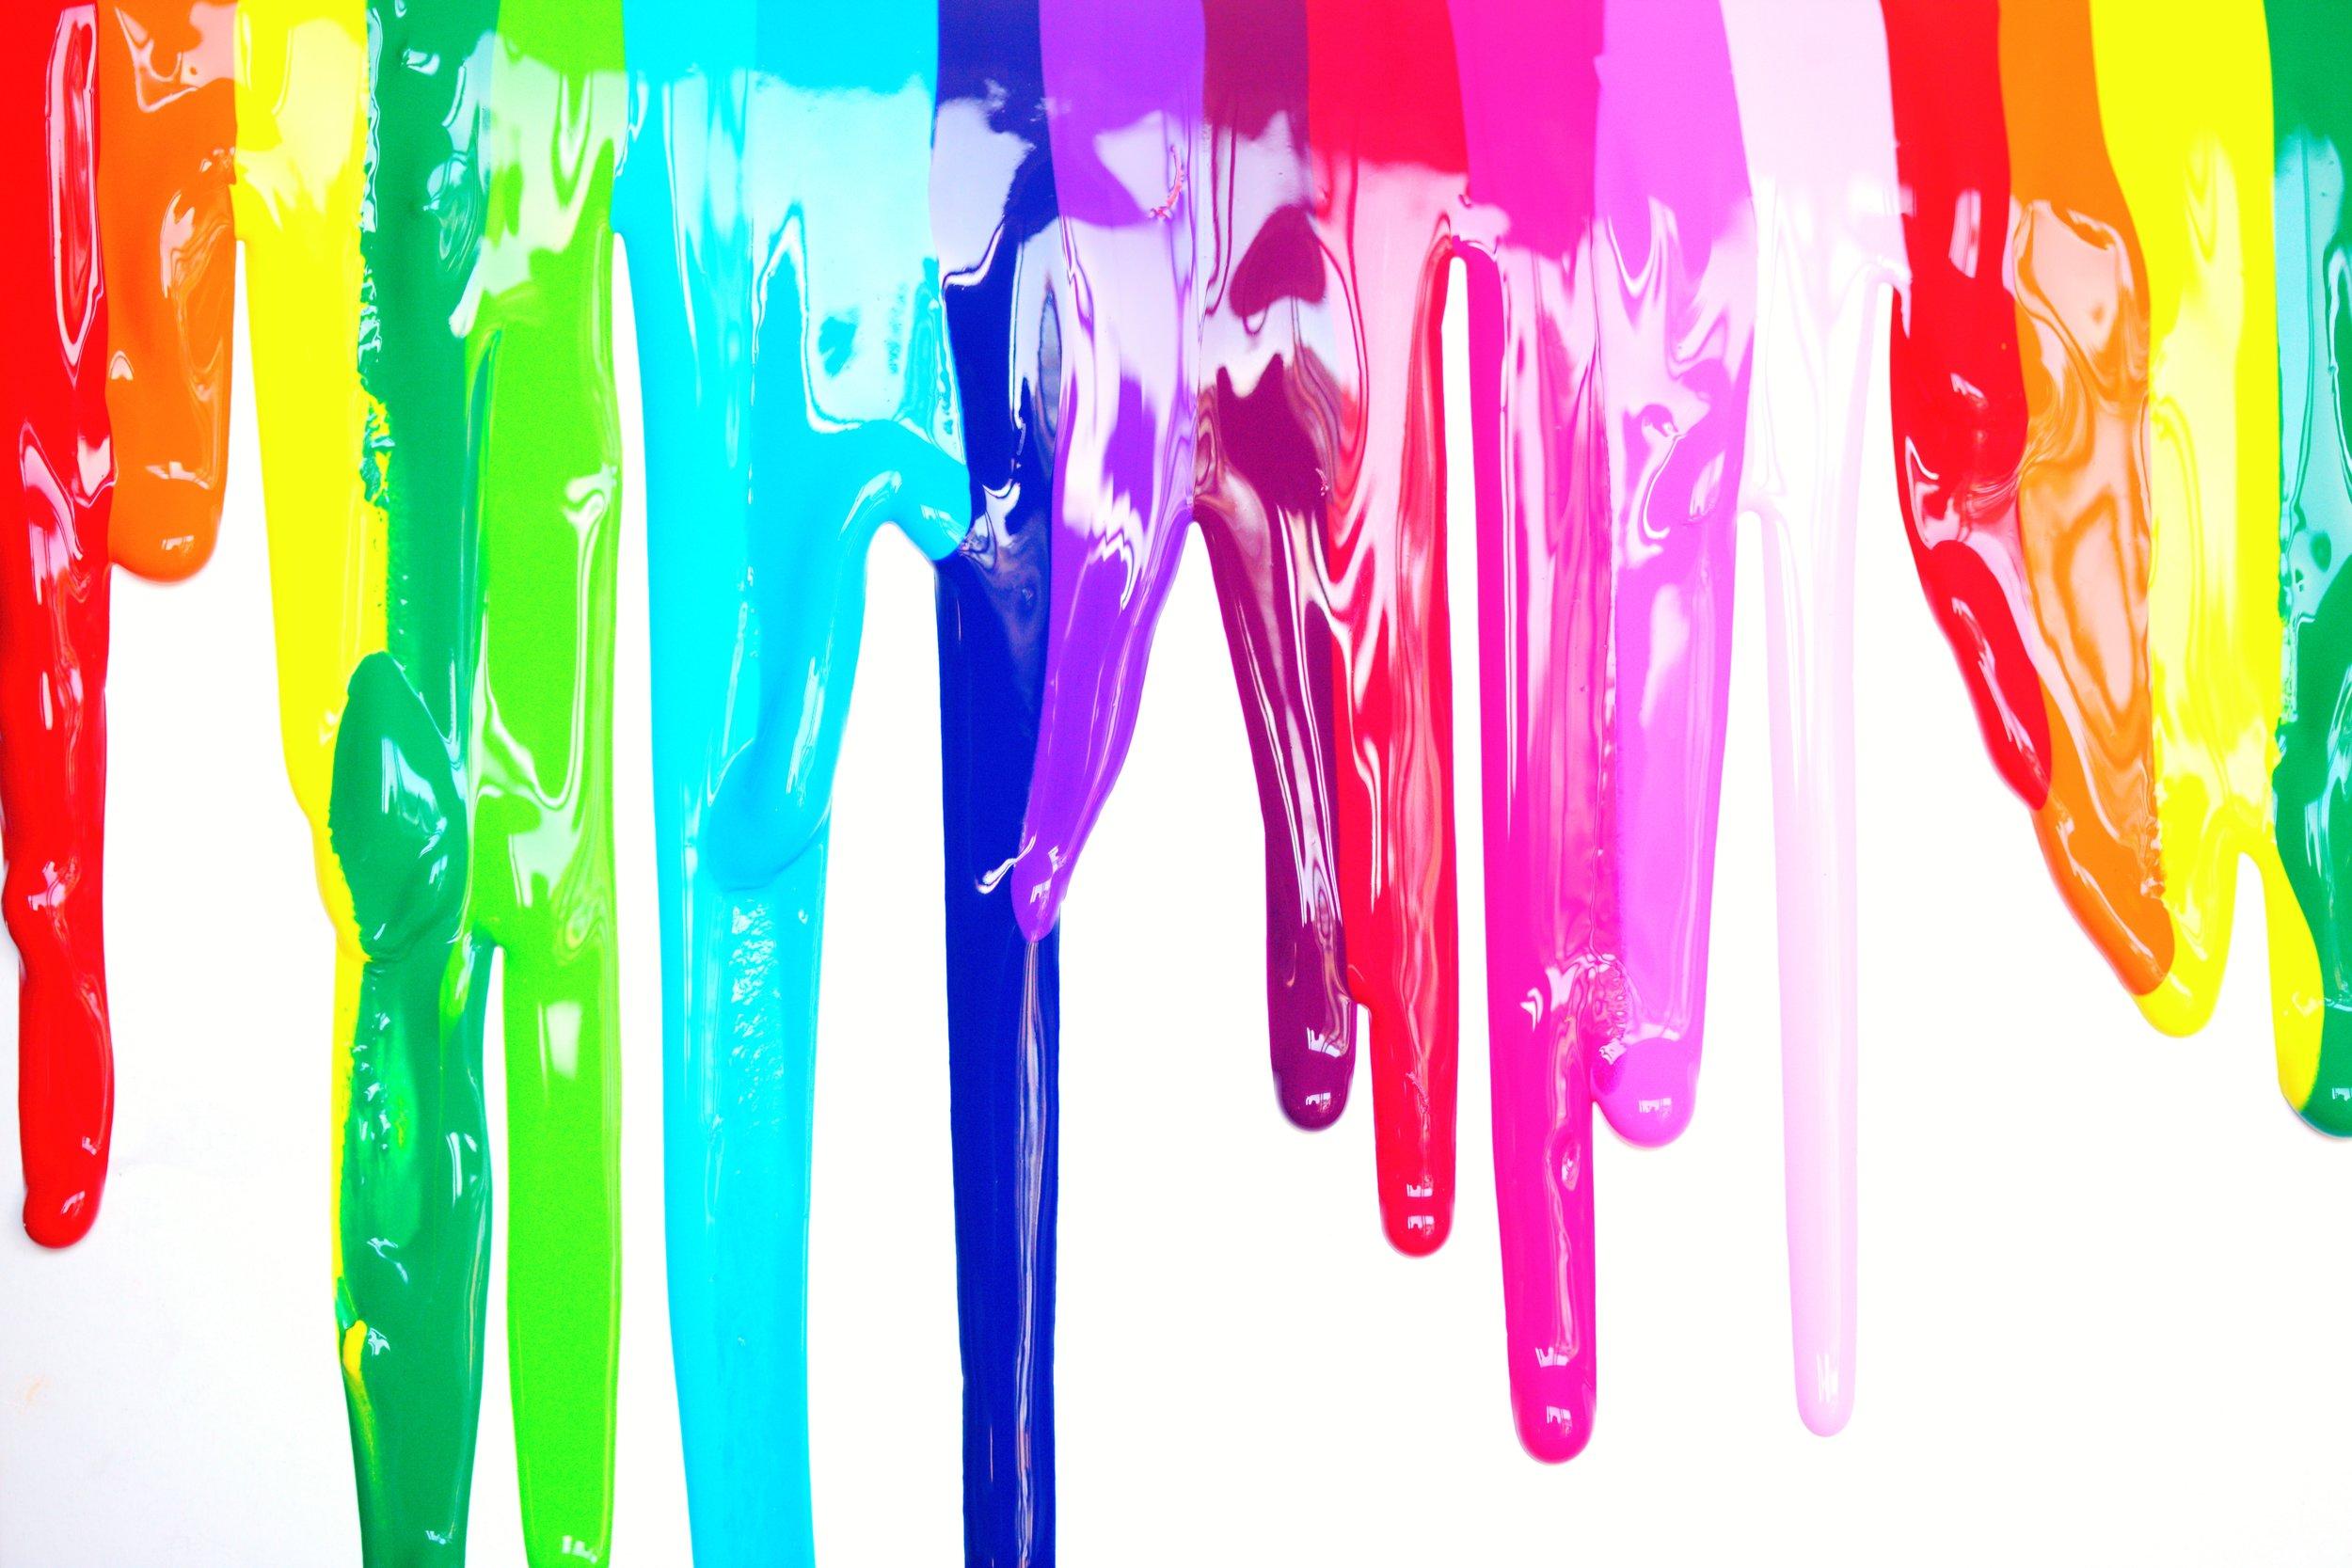 paintspill.jpg